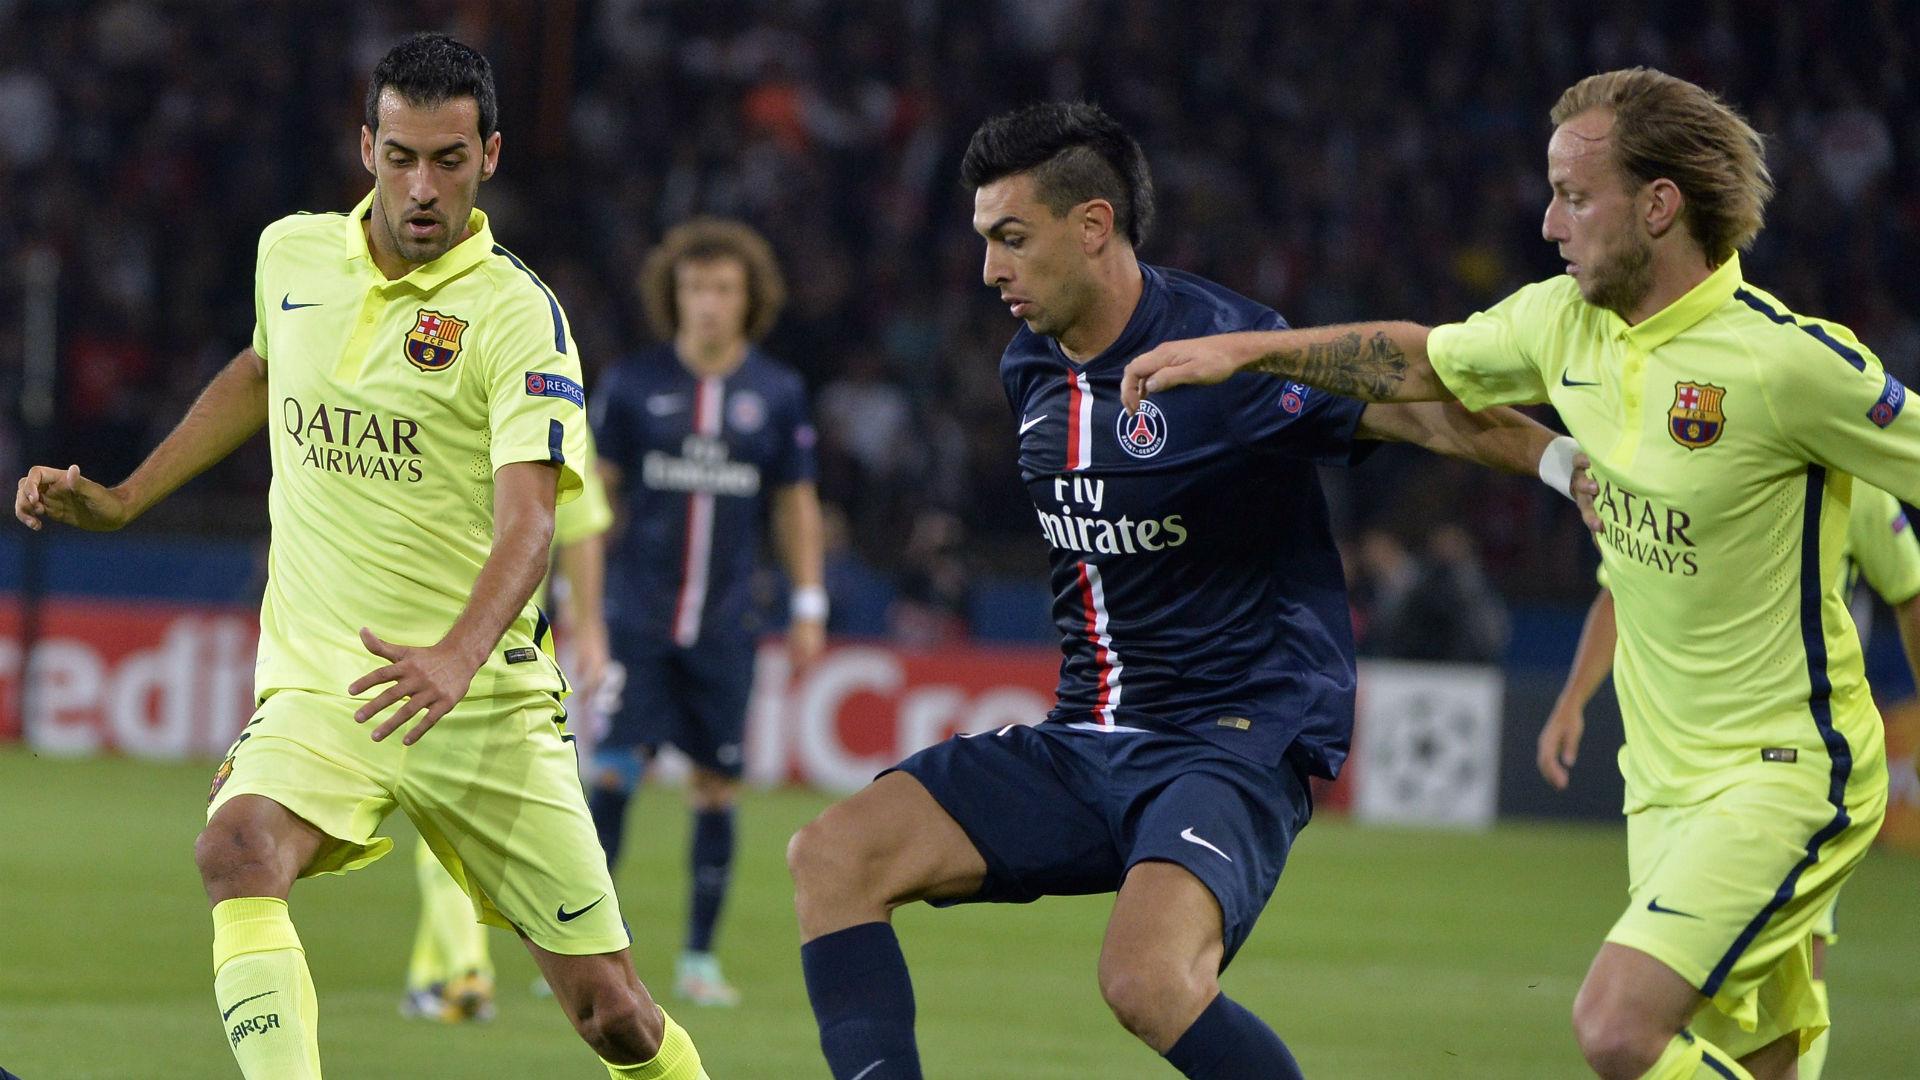 بطولة فرنسا: باريس سان جرمان يواصل صحوته ويتفوق على مضيفه نانسي 2-1